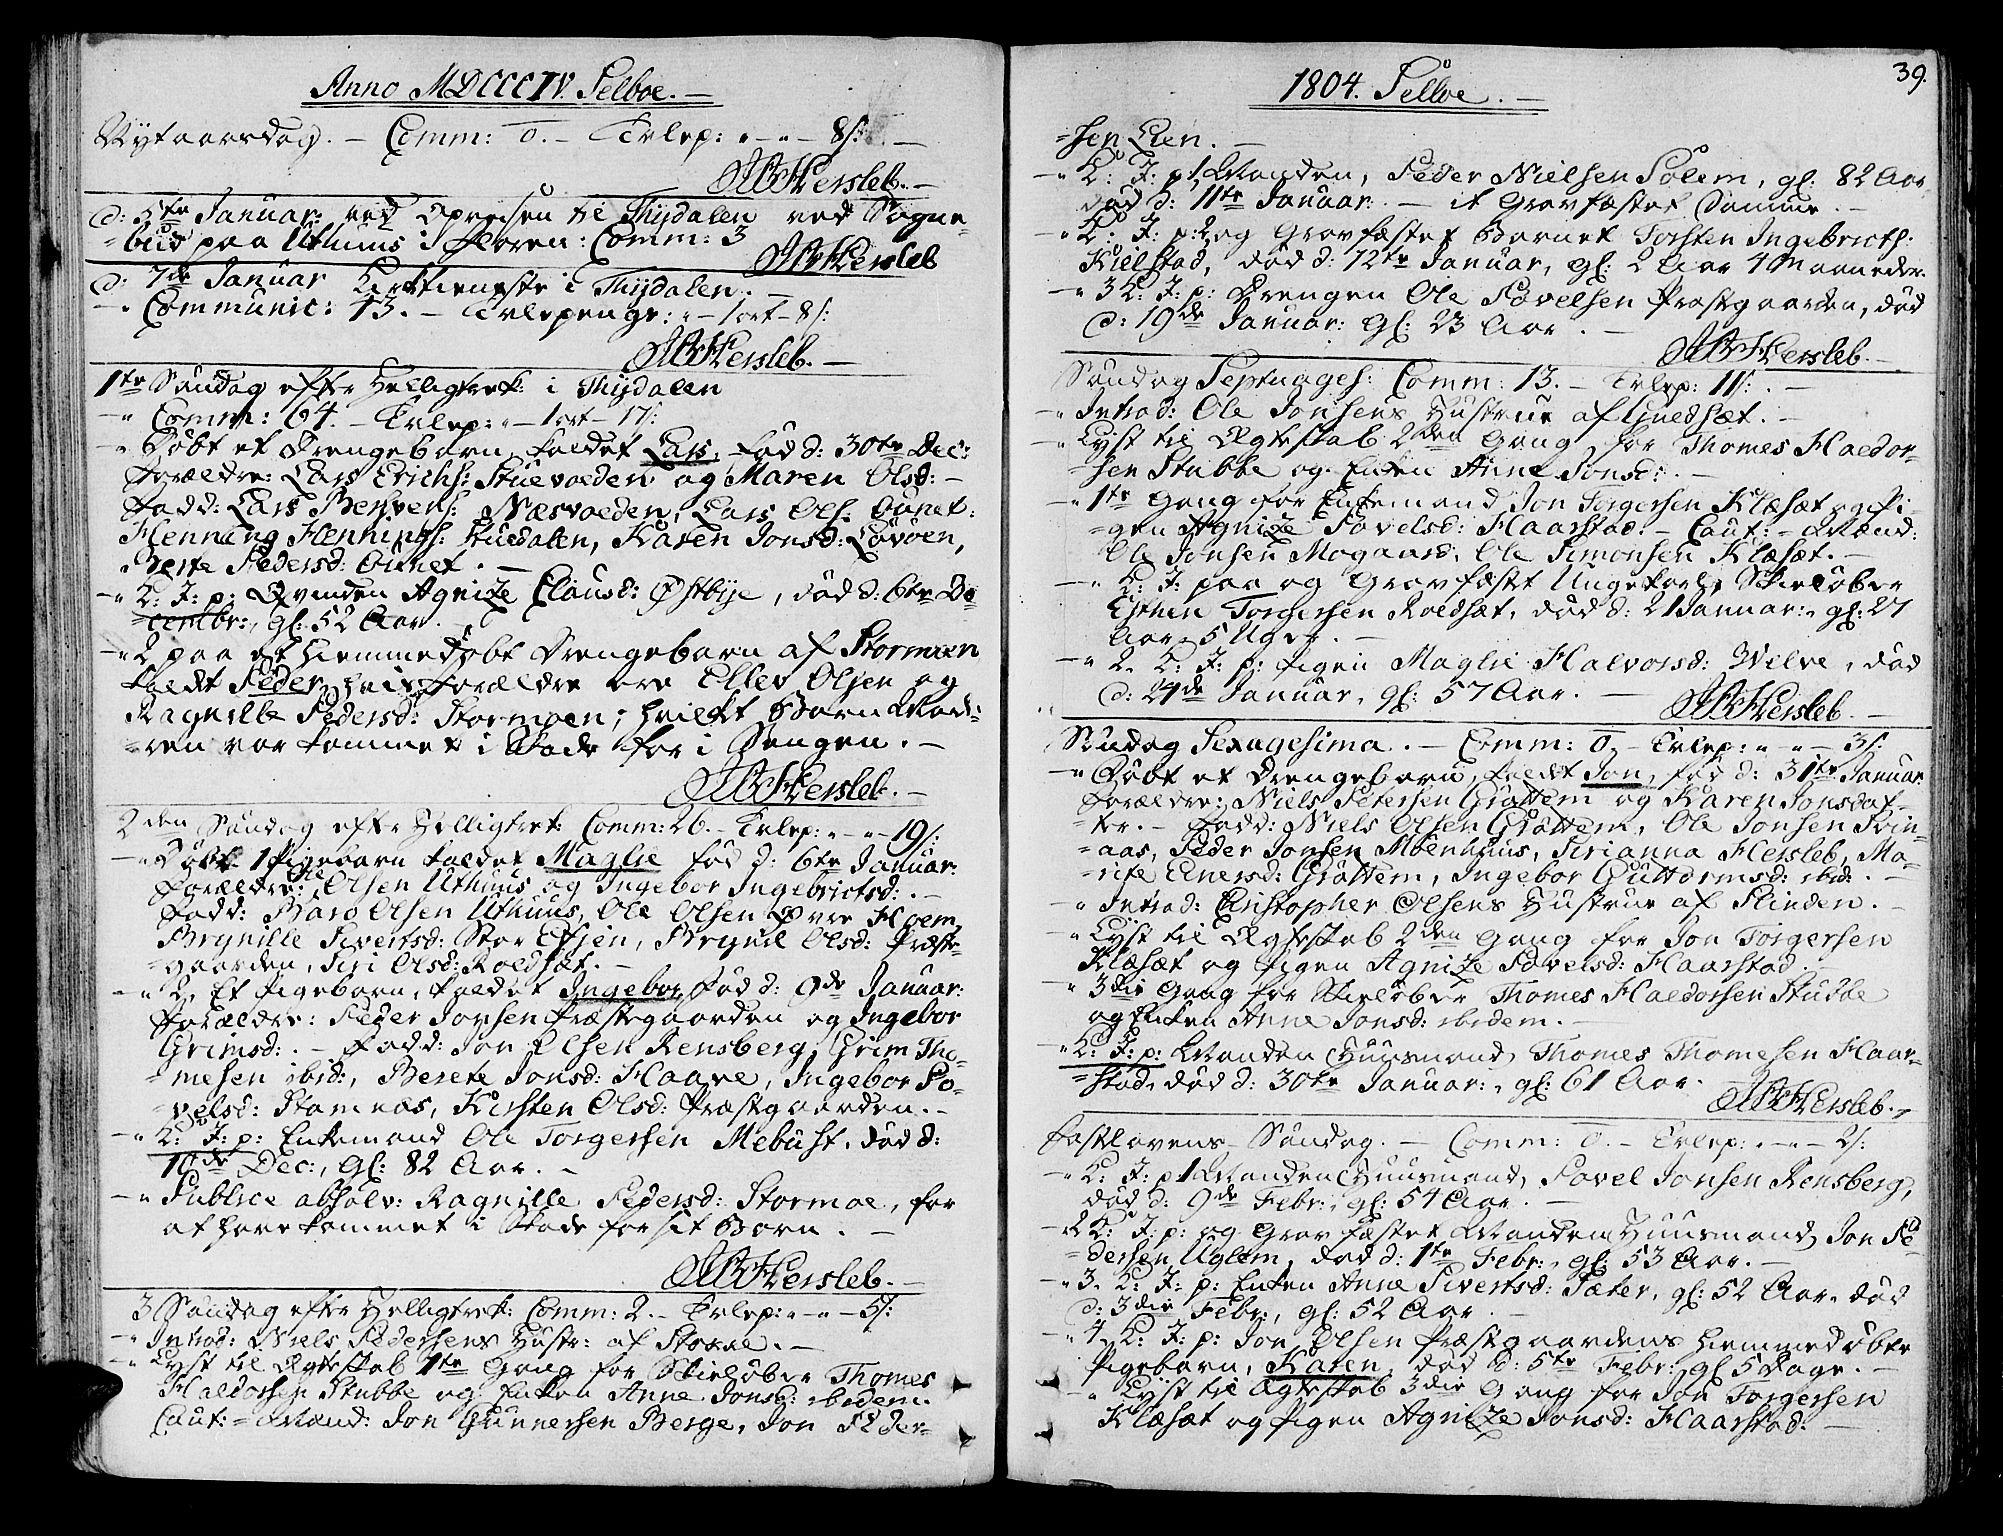 SAT, Ministerialprotokoller, klokkerbøker og fødselsregistre - Sør-Trøndelag, 695/L1140: Ministerialbok nr. 695A03, 1801-1815, s. 39